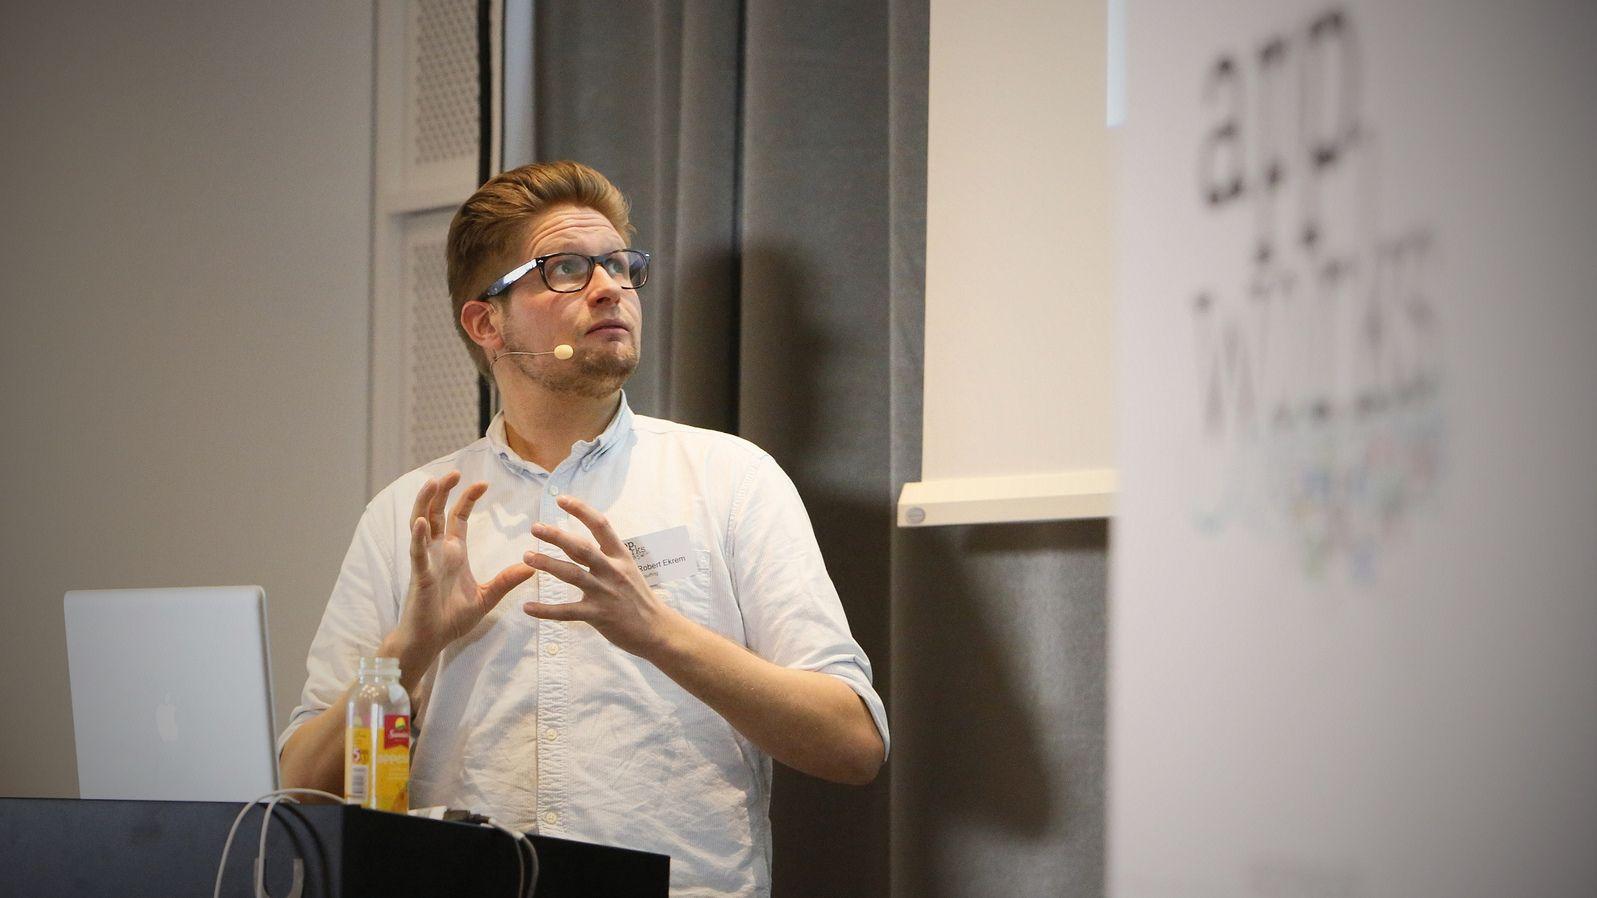 Se alle foredragene fra AppWorks